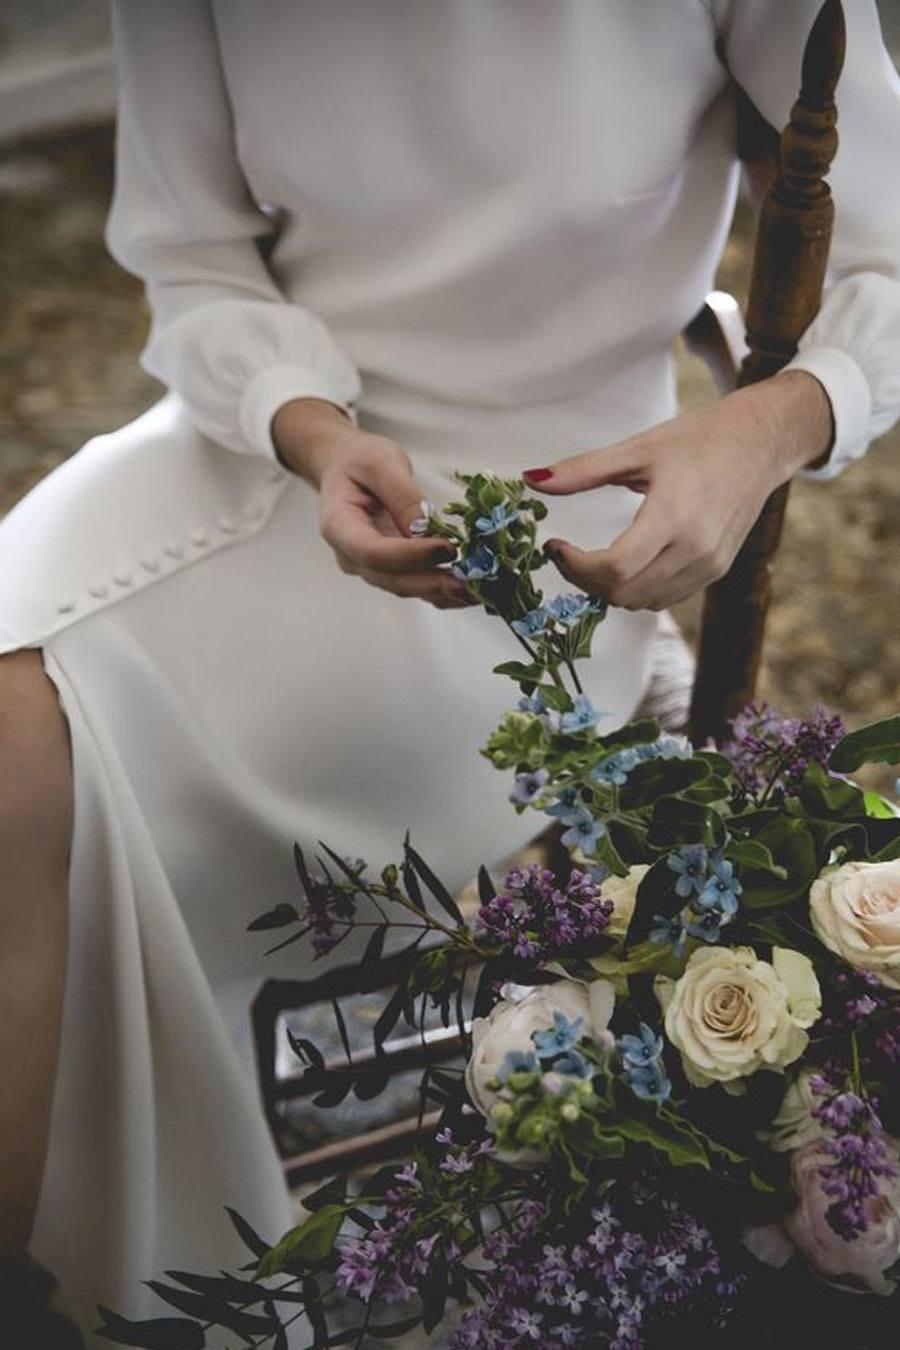 LAS NOVIAS DE ALEJANDRA SVARC alejandra-svarc-vestidos-novias